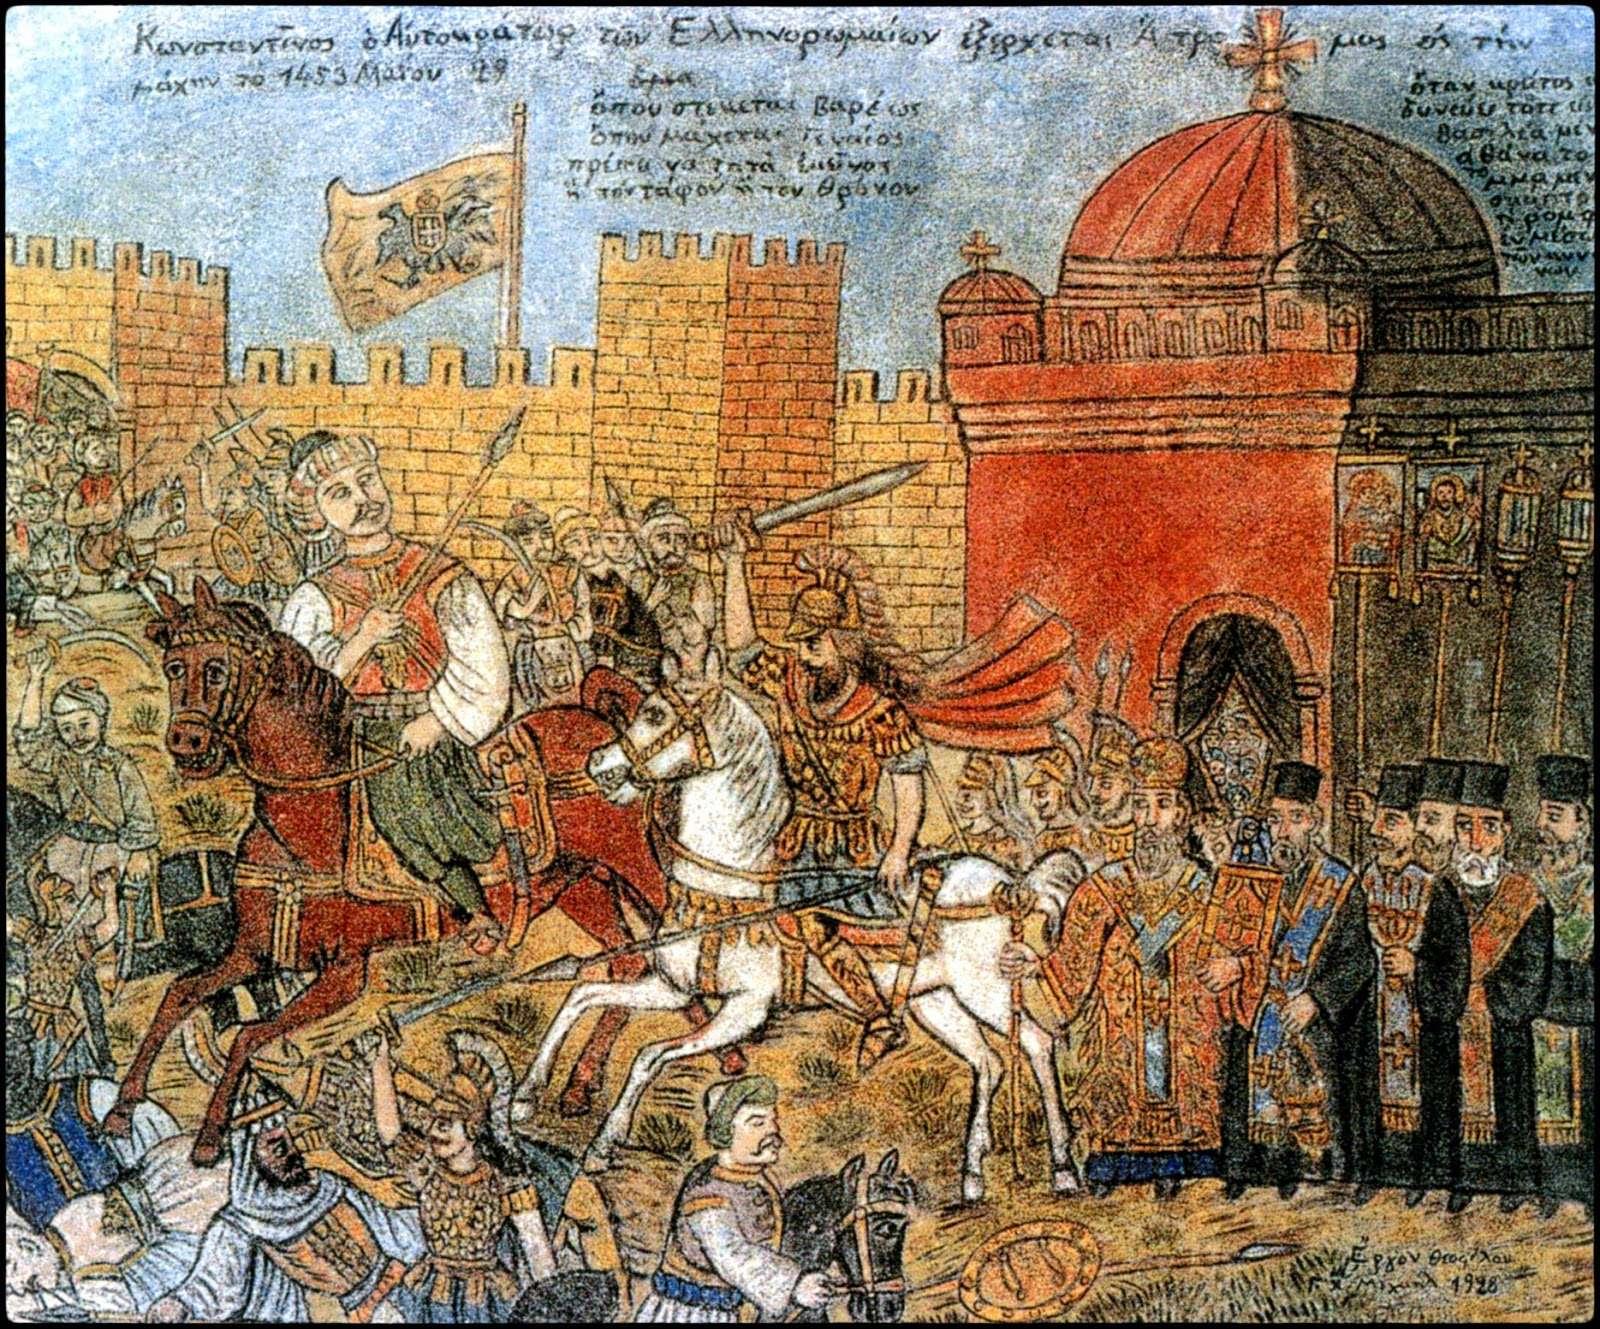 Θεόφιλου,«Κωνσταντίνος ο Αυτοκράτωρ των Ελληνορωμαίων εξέρχεται Ατρομος εις την μάχην το 1453 Μαΐου 29» (1928, τοιχογραφία αποτοιχισμένη από το σπίτι-καφενείο Γ. Αντίκα στη Σκόπελο Γέρας Μυτιλήνης, 141×179 εκ.